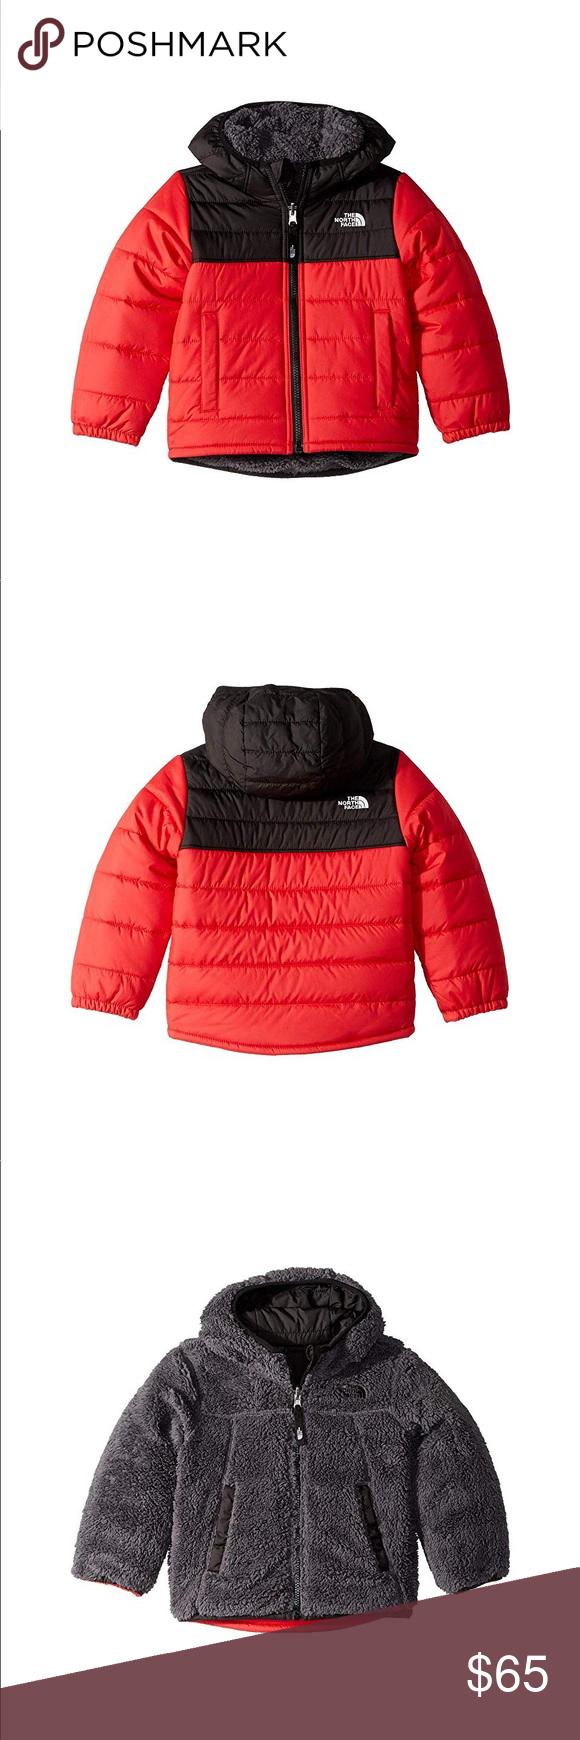 Toddler 4t North Face The North Face North Face Jacket Clothes Design [ 1740 x 580 Pixel ]